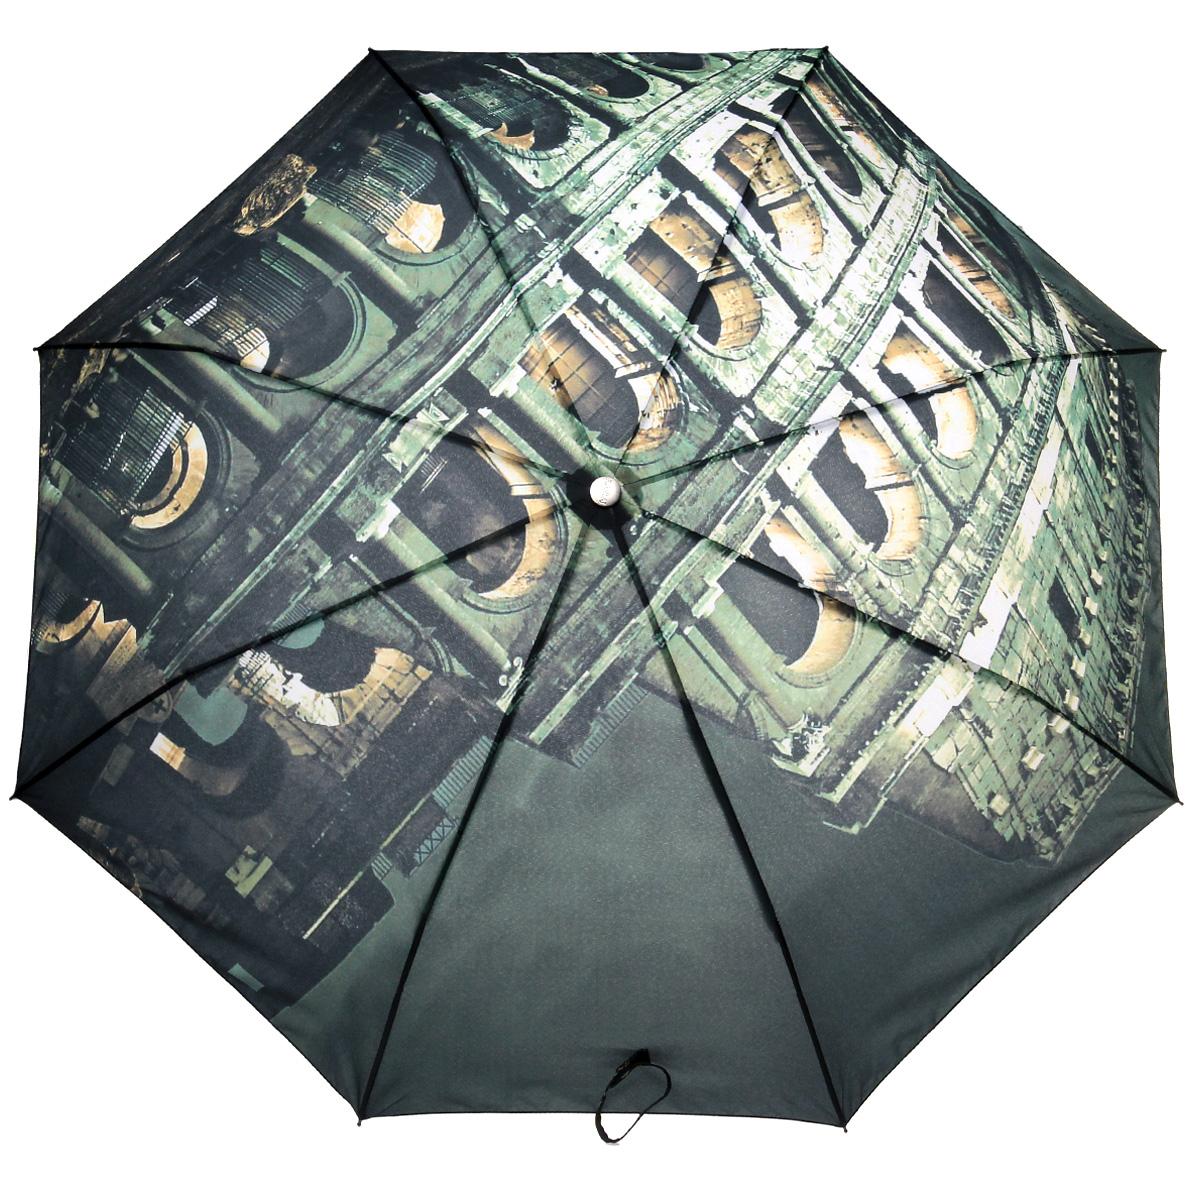 Зонт женский Flioraj Колизей, автомат, 3 сложения014-8FJСтильный автоматический зонт Flioraj Колизей в 3 сложения даже в ненастную погоду позволит вам оставаться стильной и элегантной. Каркас зонта из анодированной стали состоит из восьми карбоновых спиц, оснащен удобной прорезиненной рукояткой. Карбоновые спицы помогут выдержать натиск ураганного ветра. Зонт снабжен системой антиветер. Зонт имеет полный автоматический механизм сложения: купол открывается и закрывается нажатием кнопки на рукоятке, стержень складывается вручную до характерного щелчка, благодаря чему открыть и закрыть зонт можно одной рукой, что чрезвычайно удобно при входе в транспорт или помещение. Купол зонта выполнен из прочного полиэстера и оформлен оригинальным изображением знаменитого Колизея. Закрытый купол фикчируется хлястиком на кнопке. На рукоятке для удобства есть небольшой шнурок-петля, позволяющий надеть зонт на руку тогда, когда это будет необходимо. К зонту прилагается чехол.